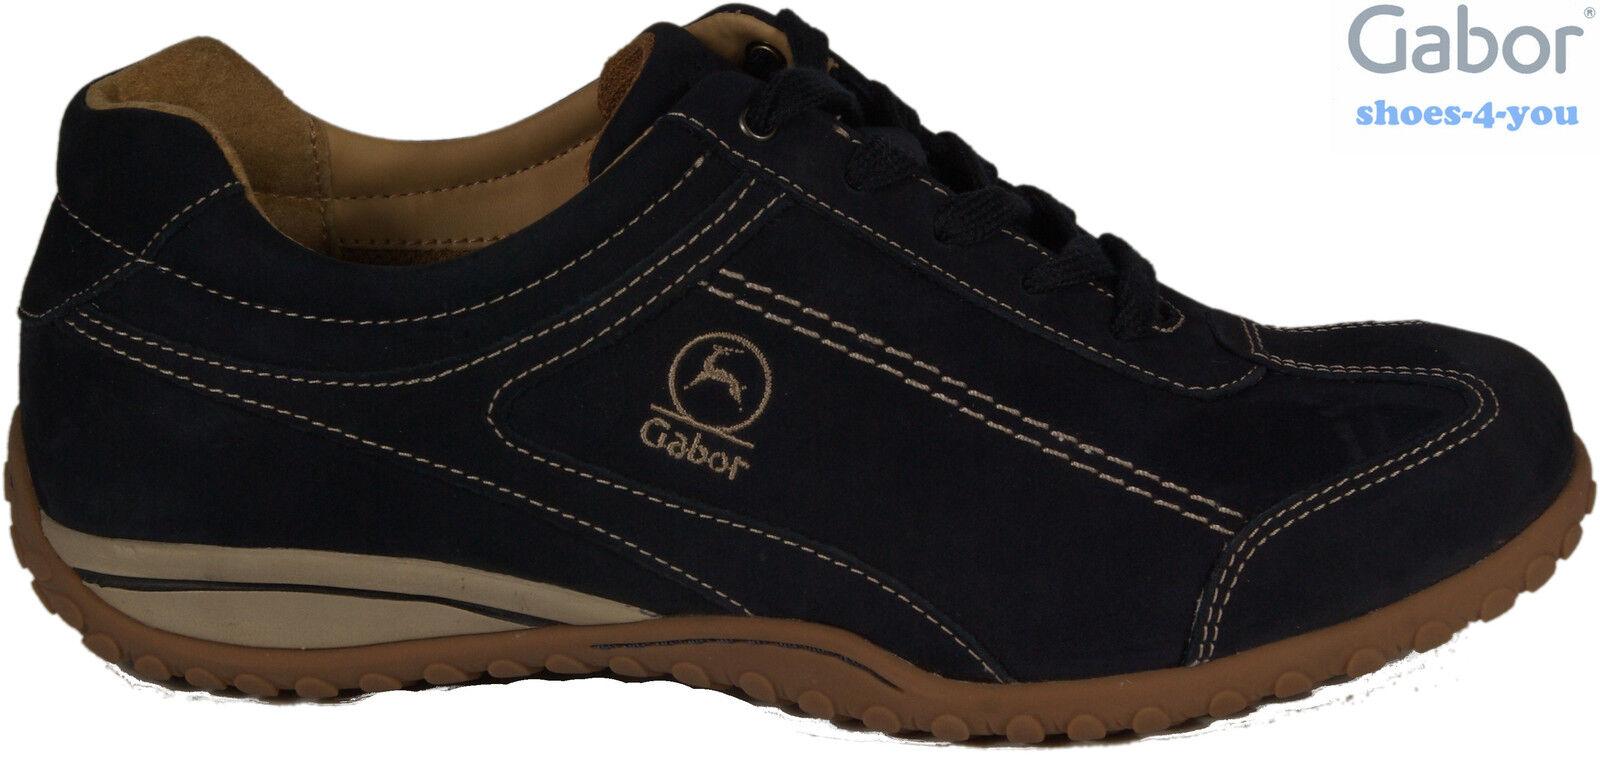 Gabor zapatos zapatos zapatos zapatillas zapato bajo schnürzapatos azul cuero auténtico cambio plantilla nuevo  producto de calidad